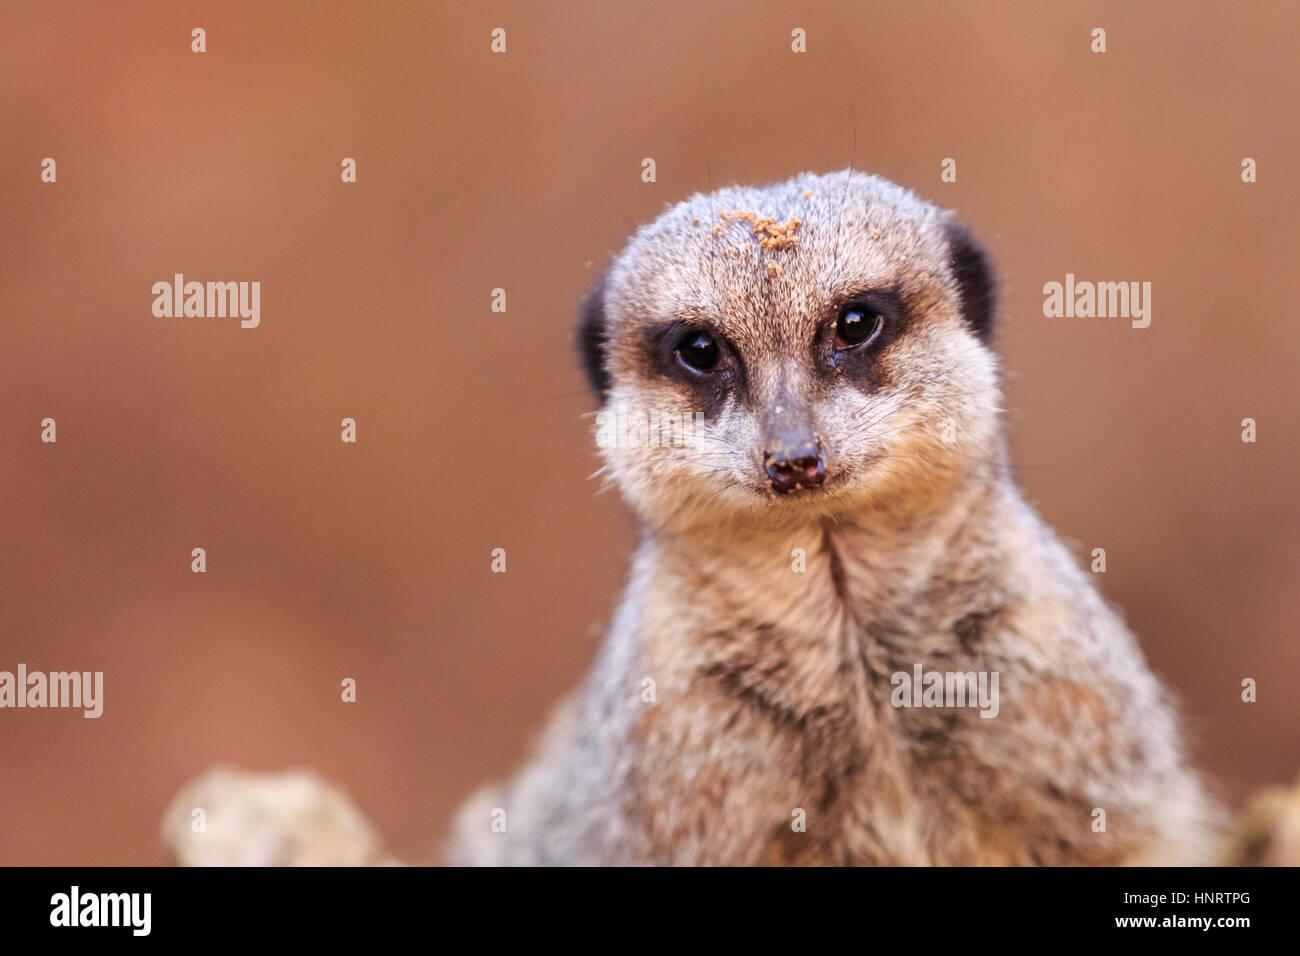 Close up of a meerkat - Stock Image